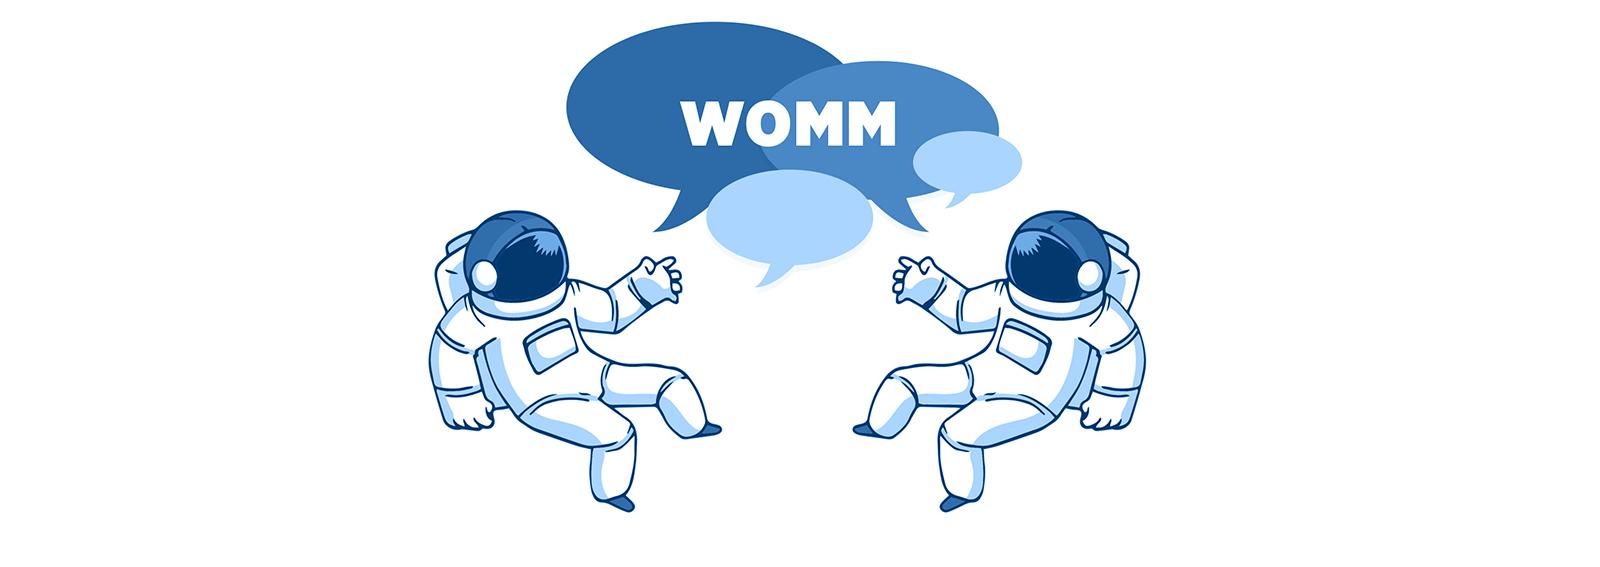 WOMM 1600x584 - WOMM